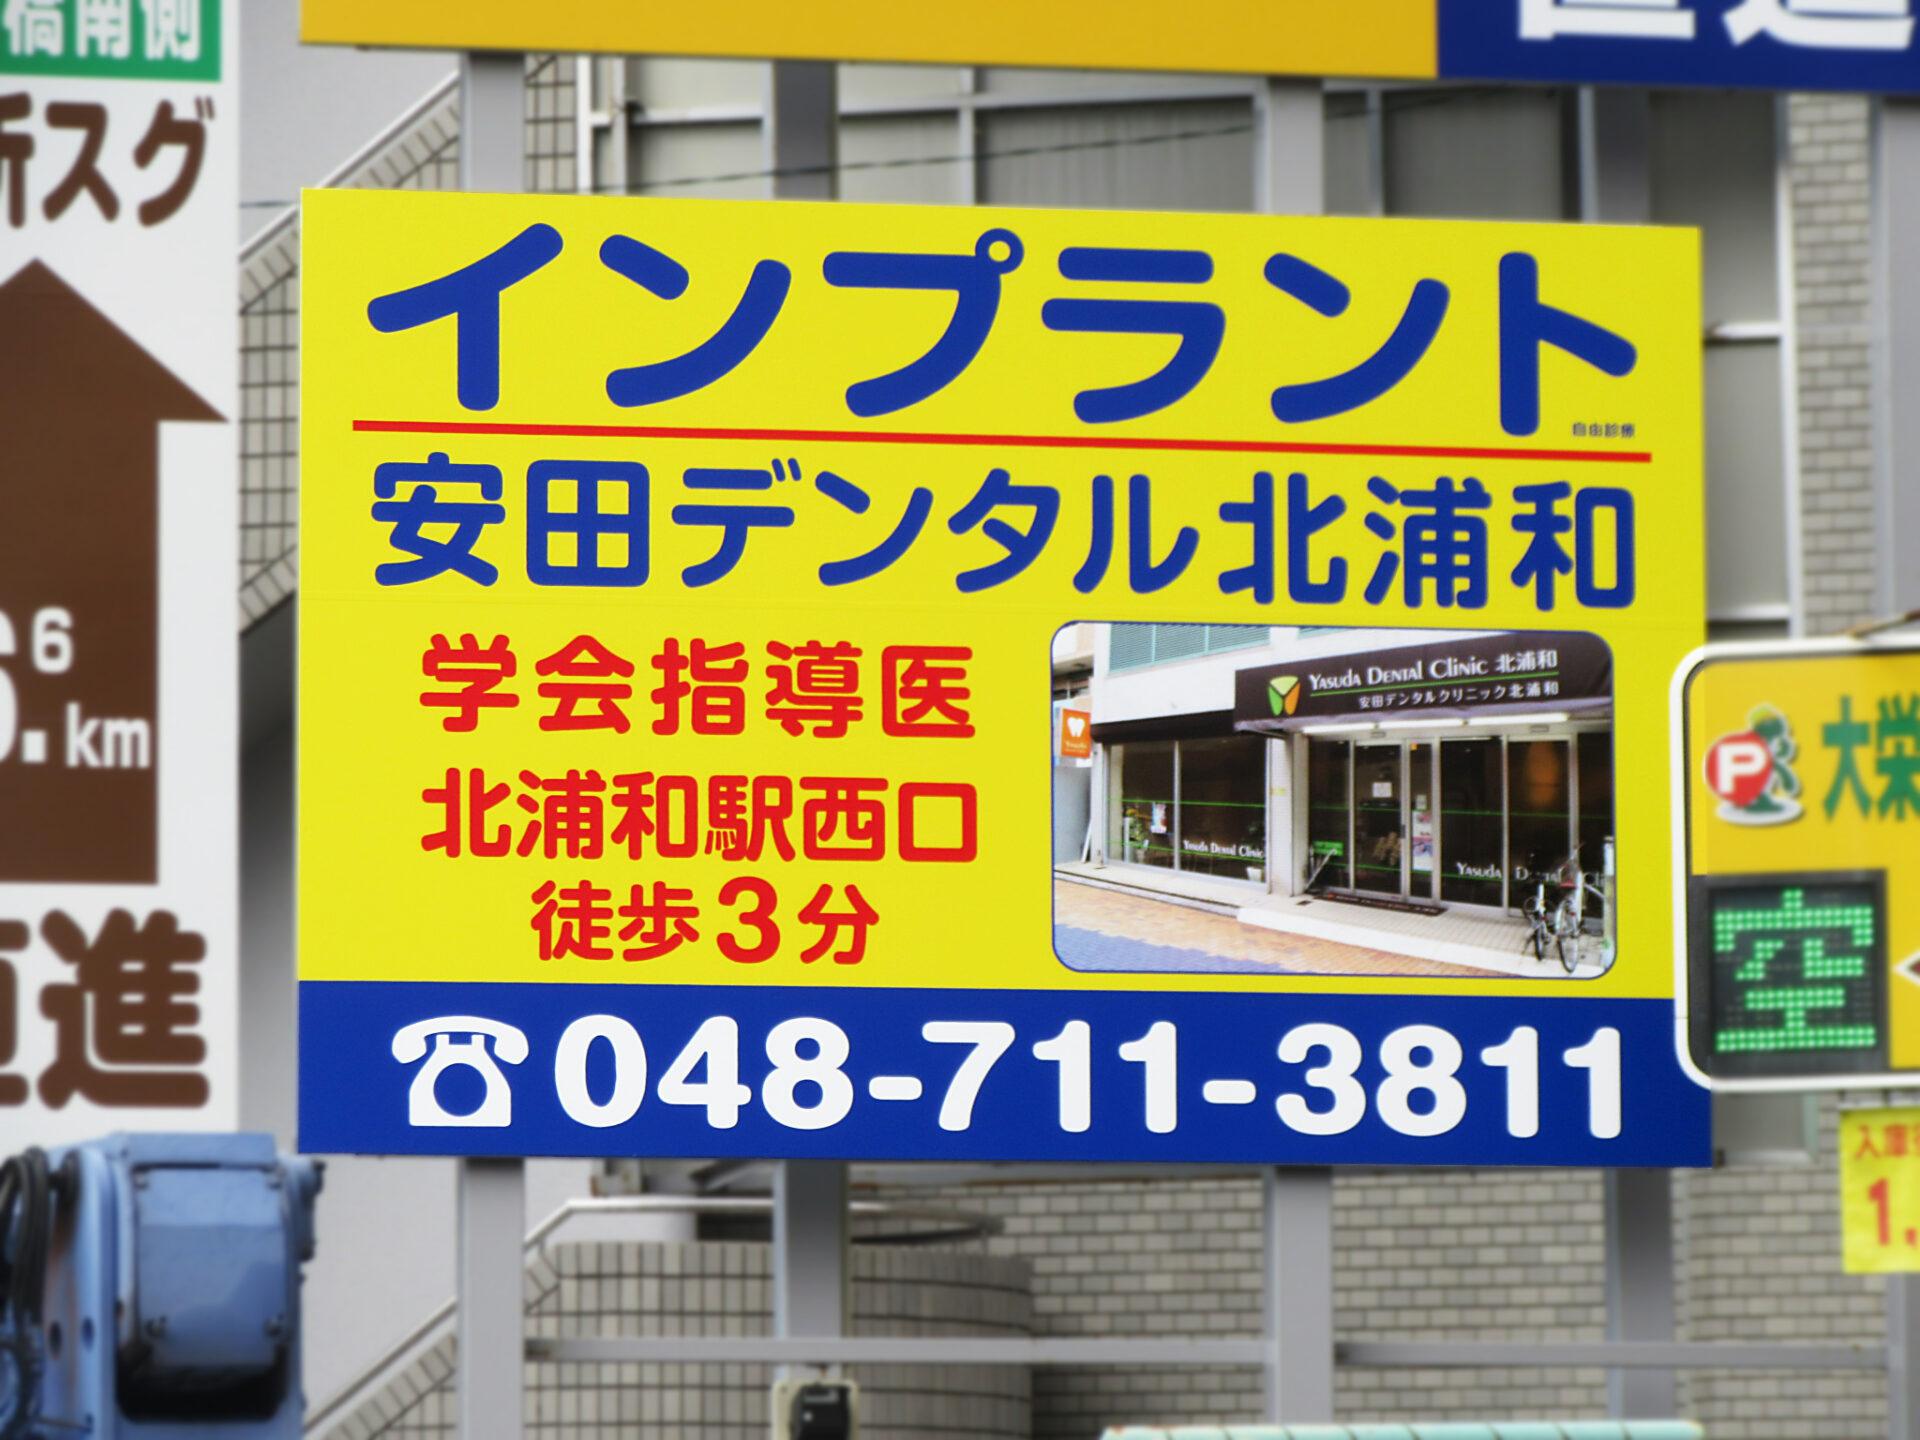 南区 ・国道17号メディカルセンター前交差点先(下)